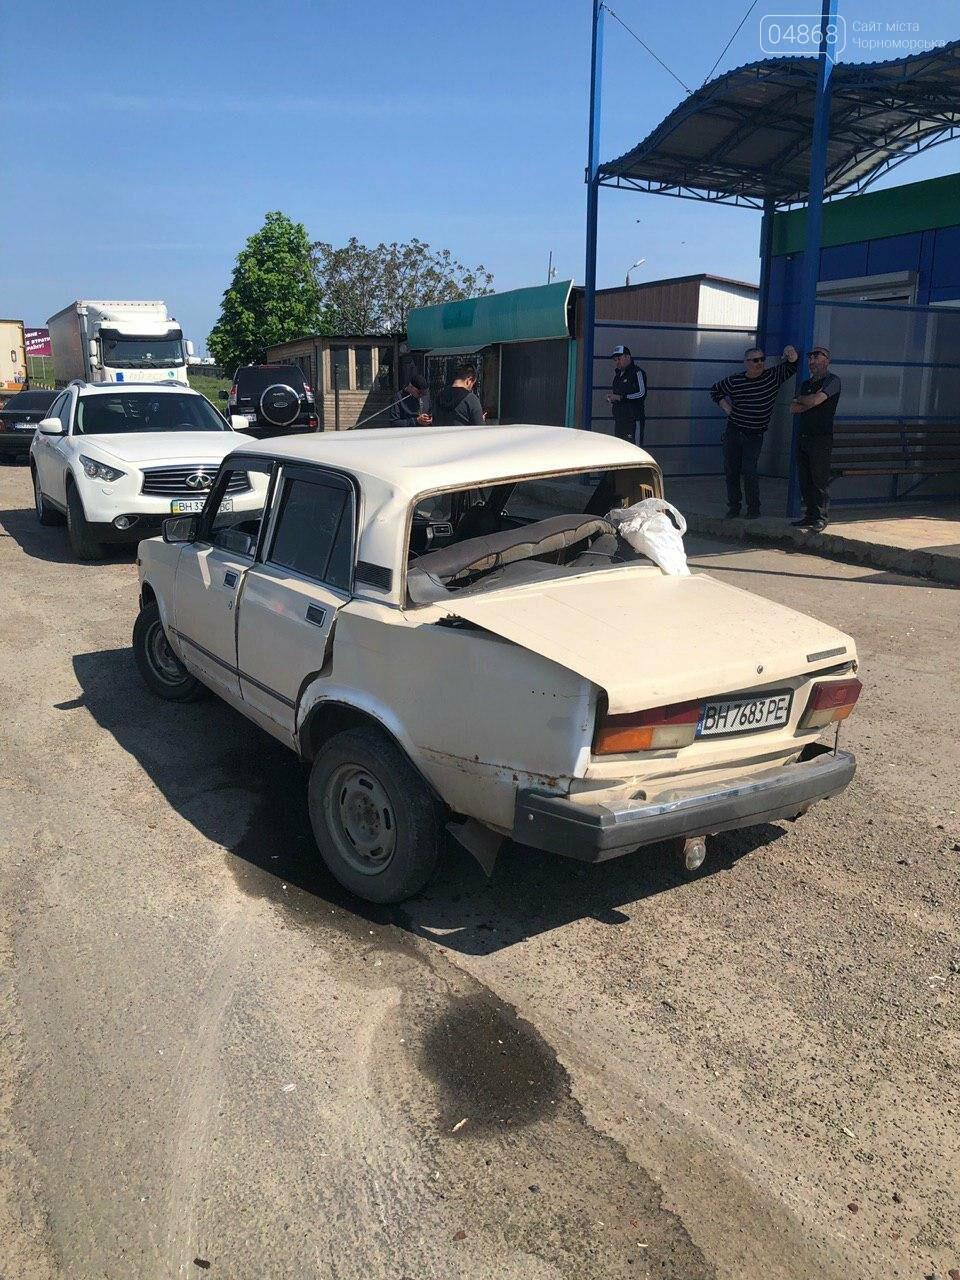 ДТП на трассе Одесса - Черноморск, есть пострадавшие, фото-10